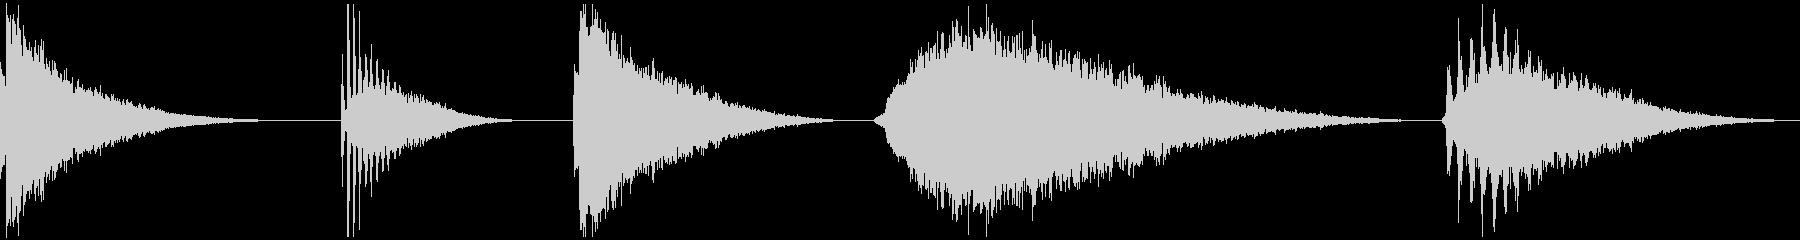 レゾハイ、5バージョン、コード、ヒ...の未再生の波形